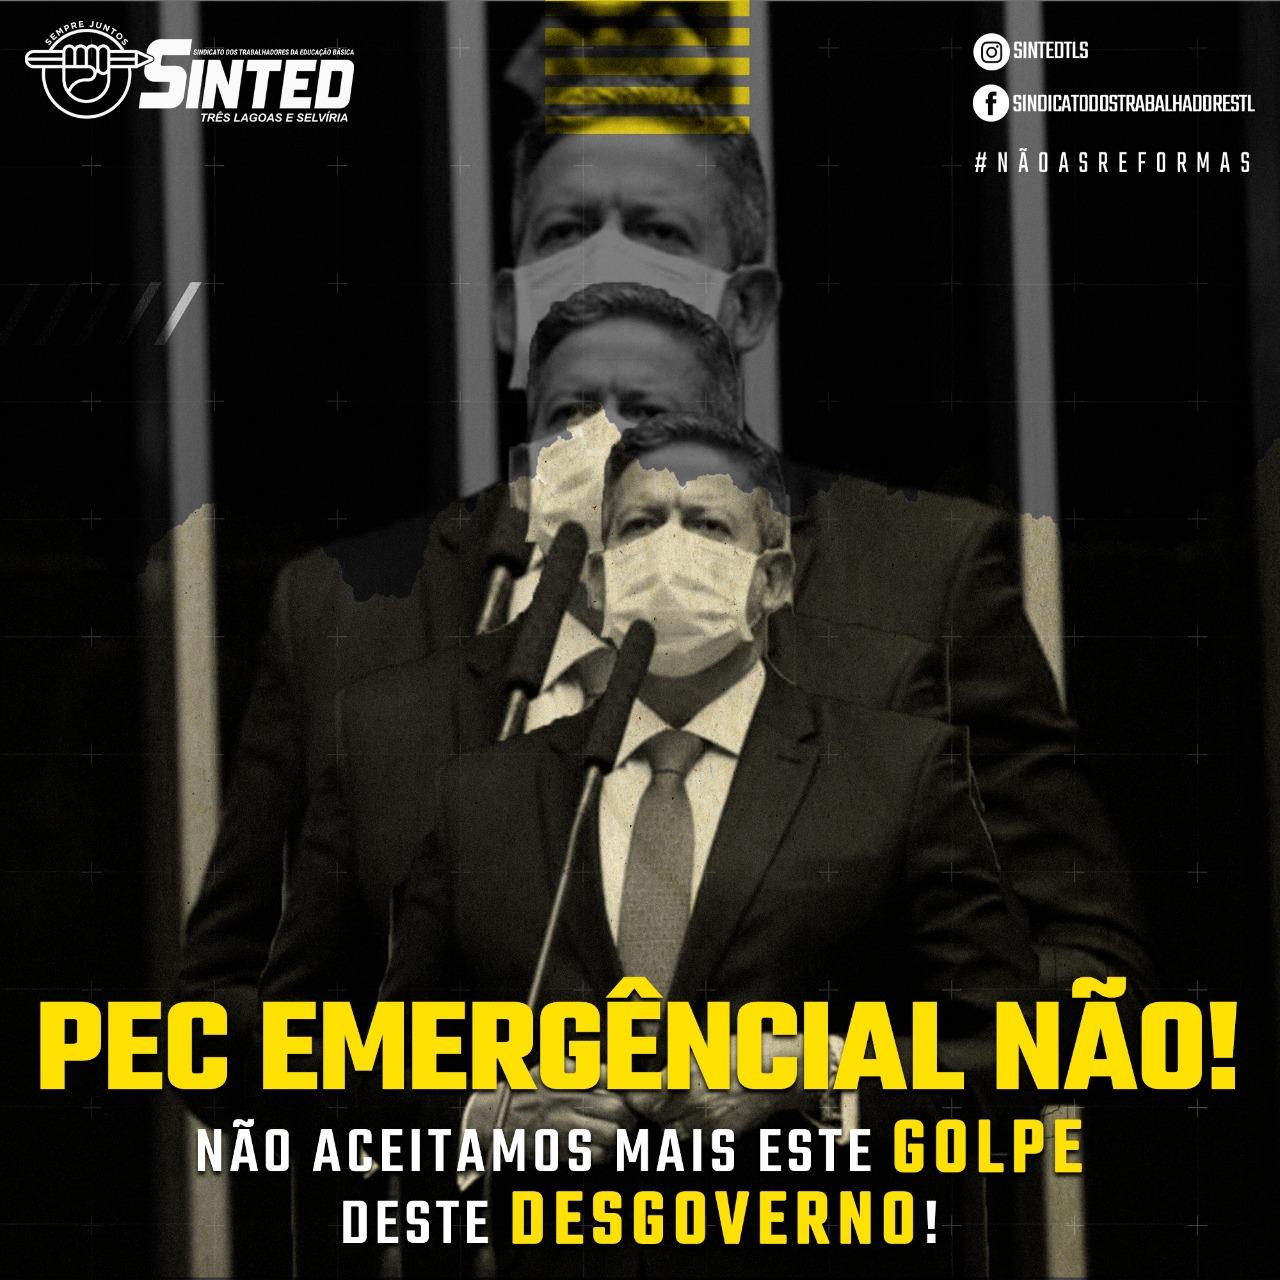 AUXÍLIO SIM DESMONTE NÃO 10